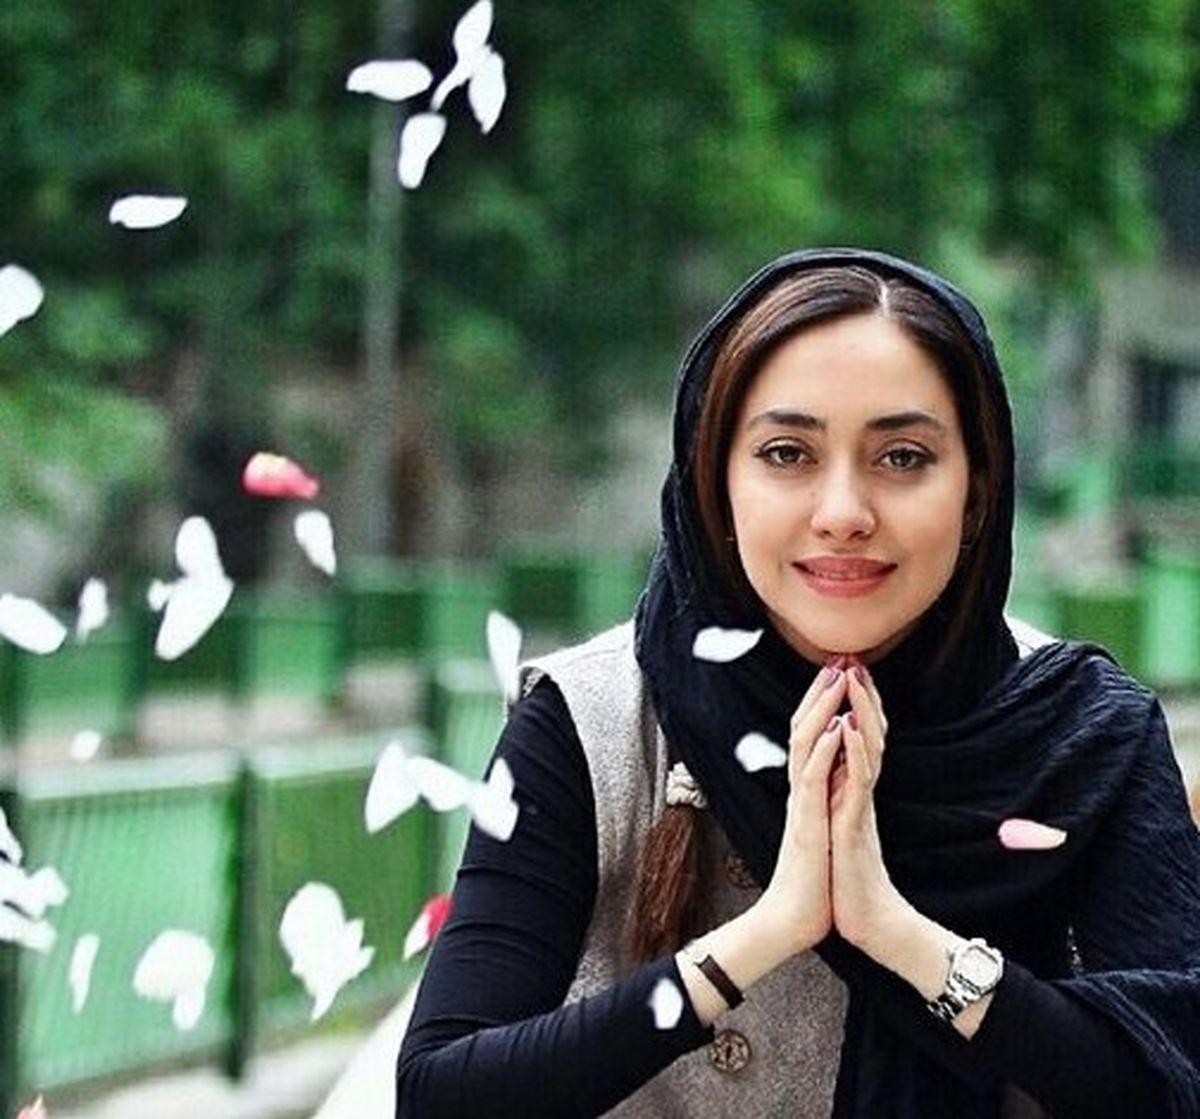 سکانس جنجالی بهاره کیان افشار در سریال میخواهم زنده بمانم+فیلم دیده نشده